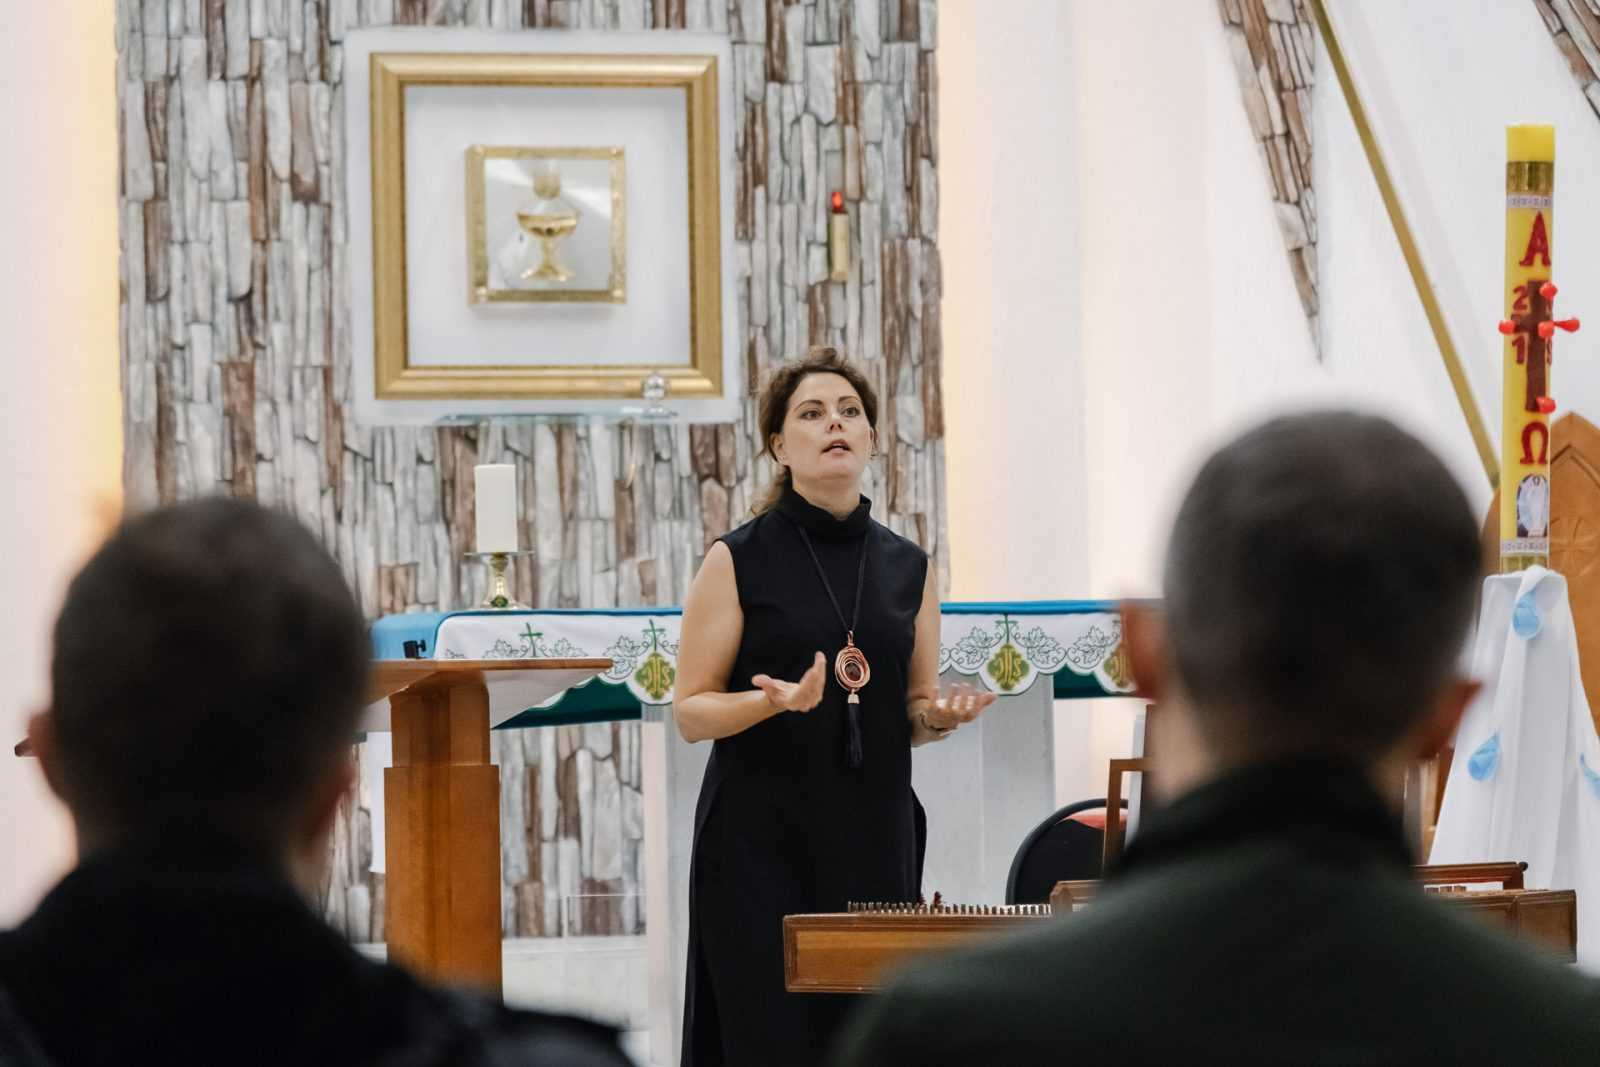 Музыка в храме КОНЦЕРТ «МАСТЕРА БАРОККО» 26.10.2019 6